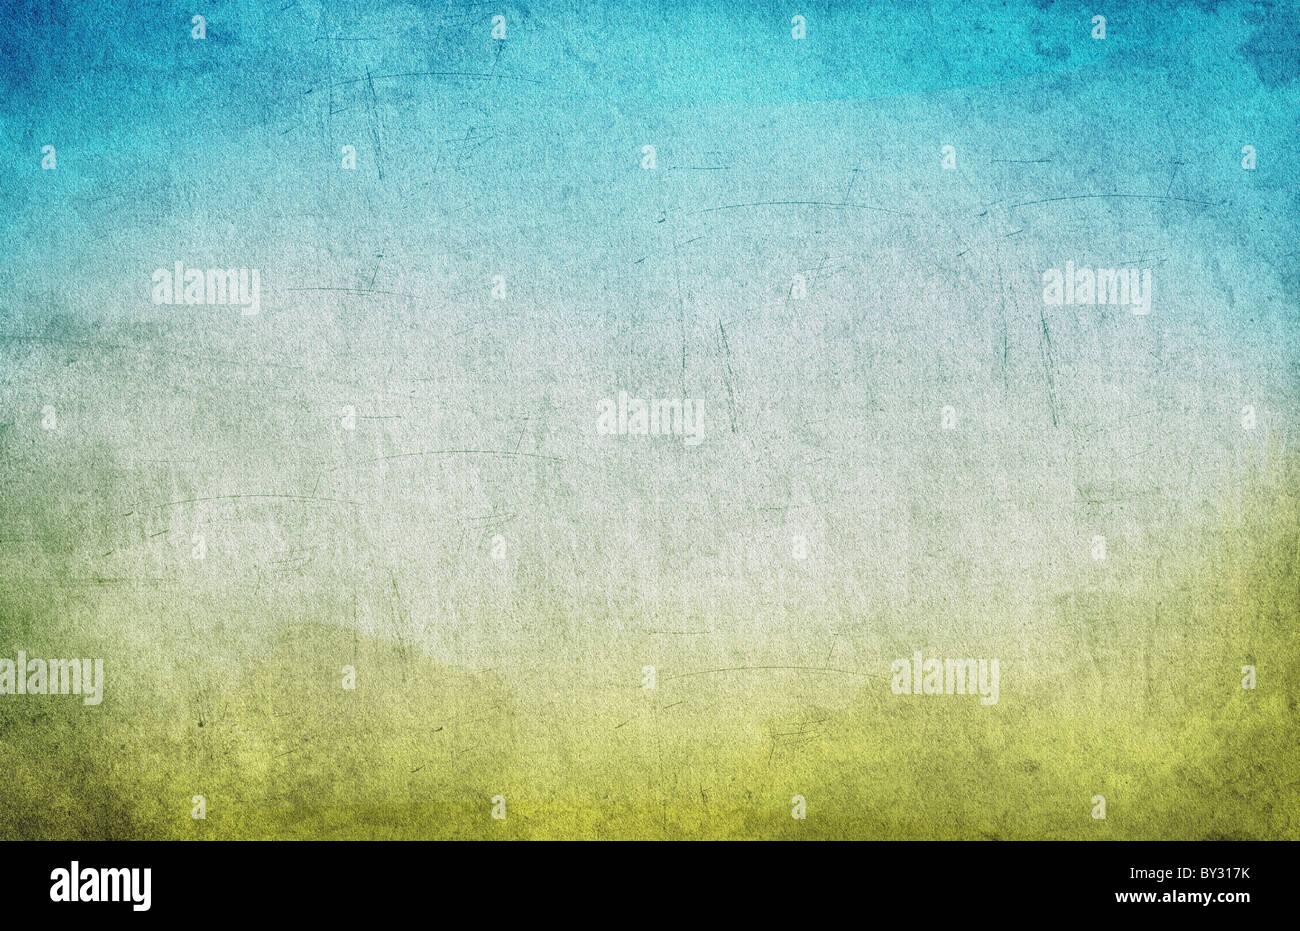 Grunge texture di sfondo con spazio per il testo o immagine Immagini Stock